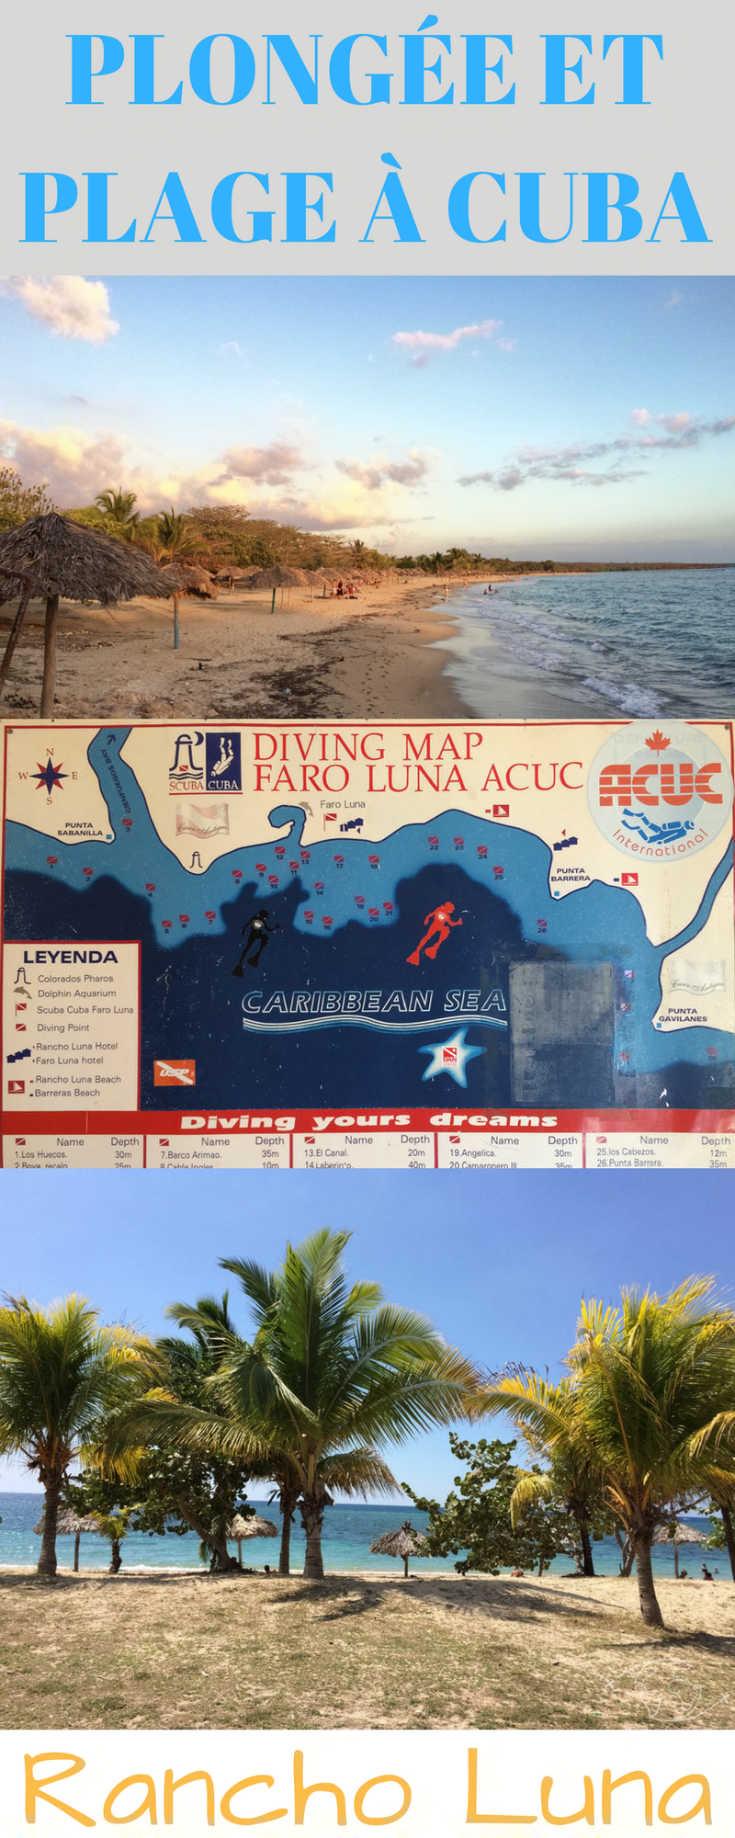 Toutes les infos et les bons plans pour profiter de la plage et de la plongée à Rancho Luna, alternative zen hors de la voie touristique à Cuba.